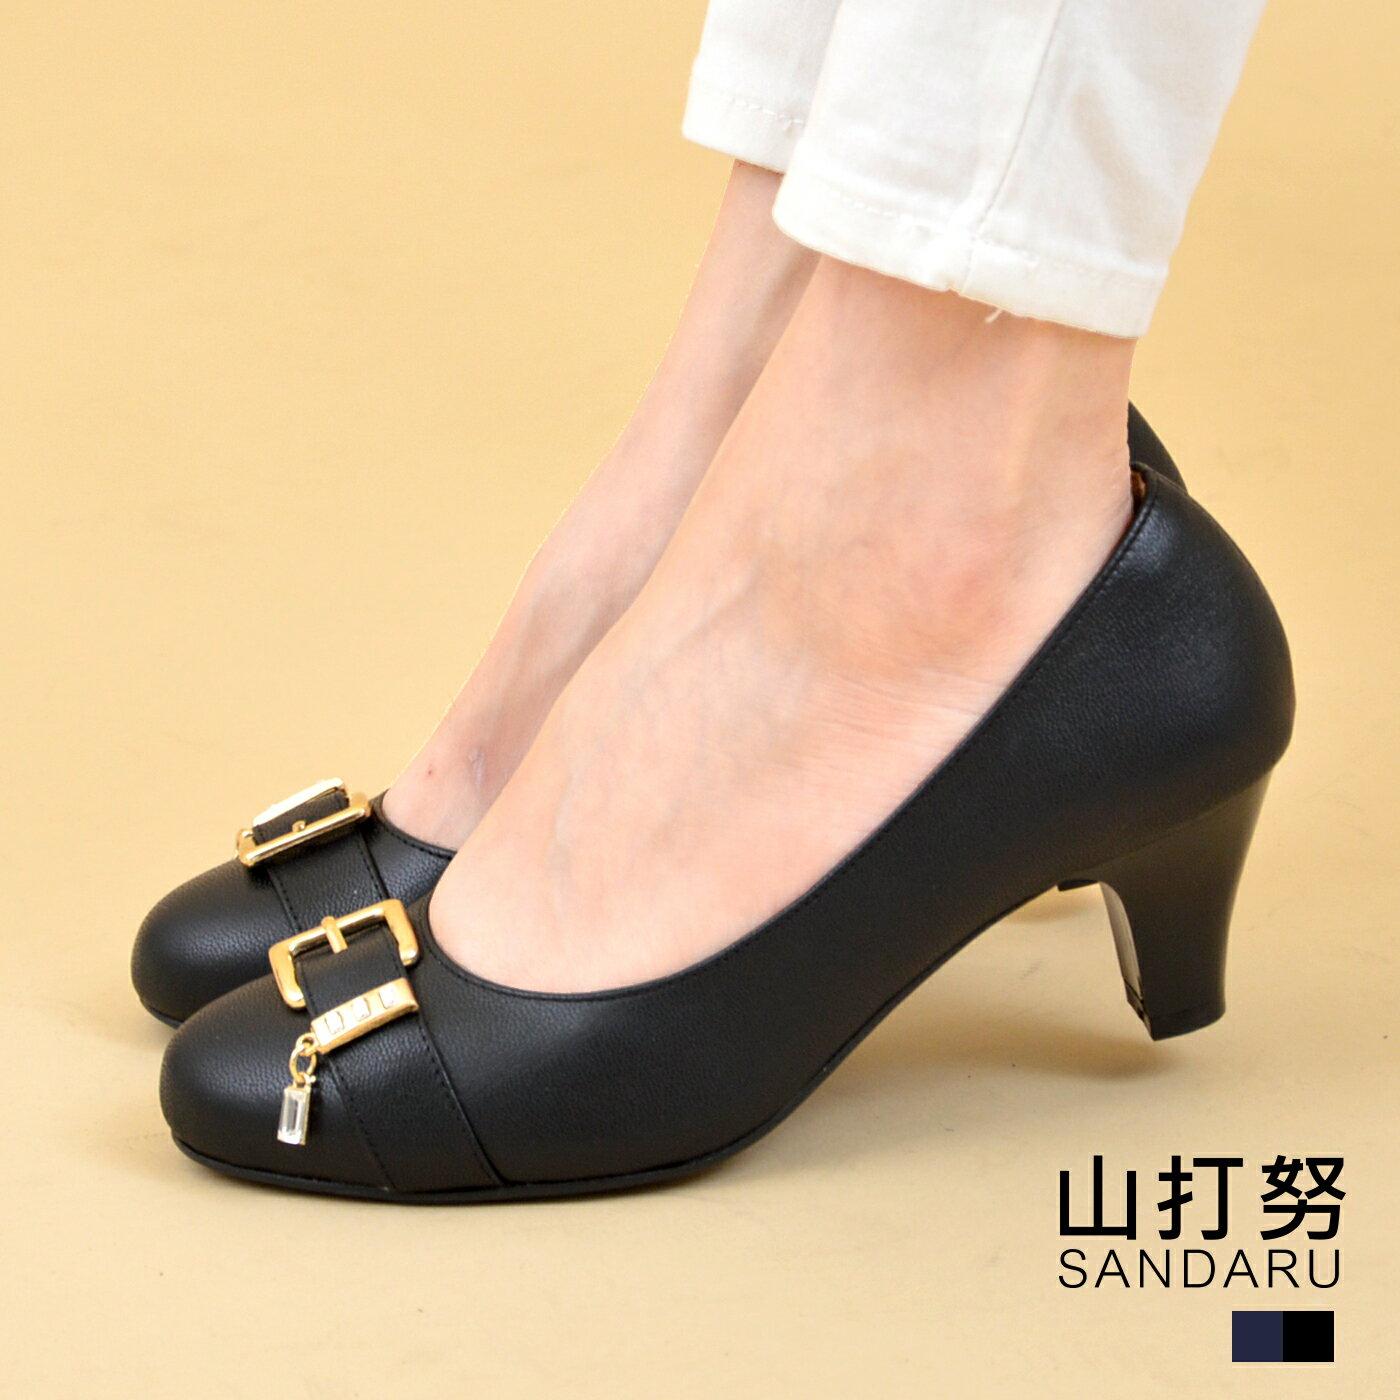 專櫃女鞋 皮帶環吊飾低跟鞋- 山打努SANDARU【1228705】黑色下單區